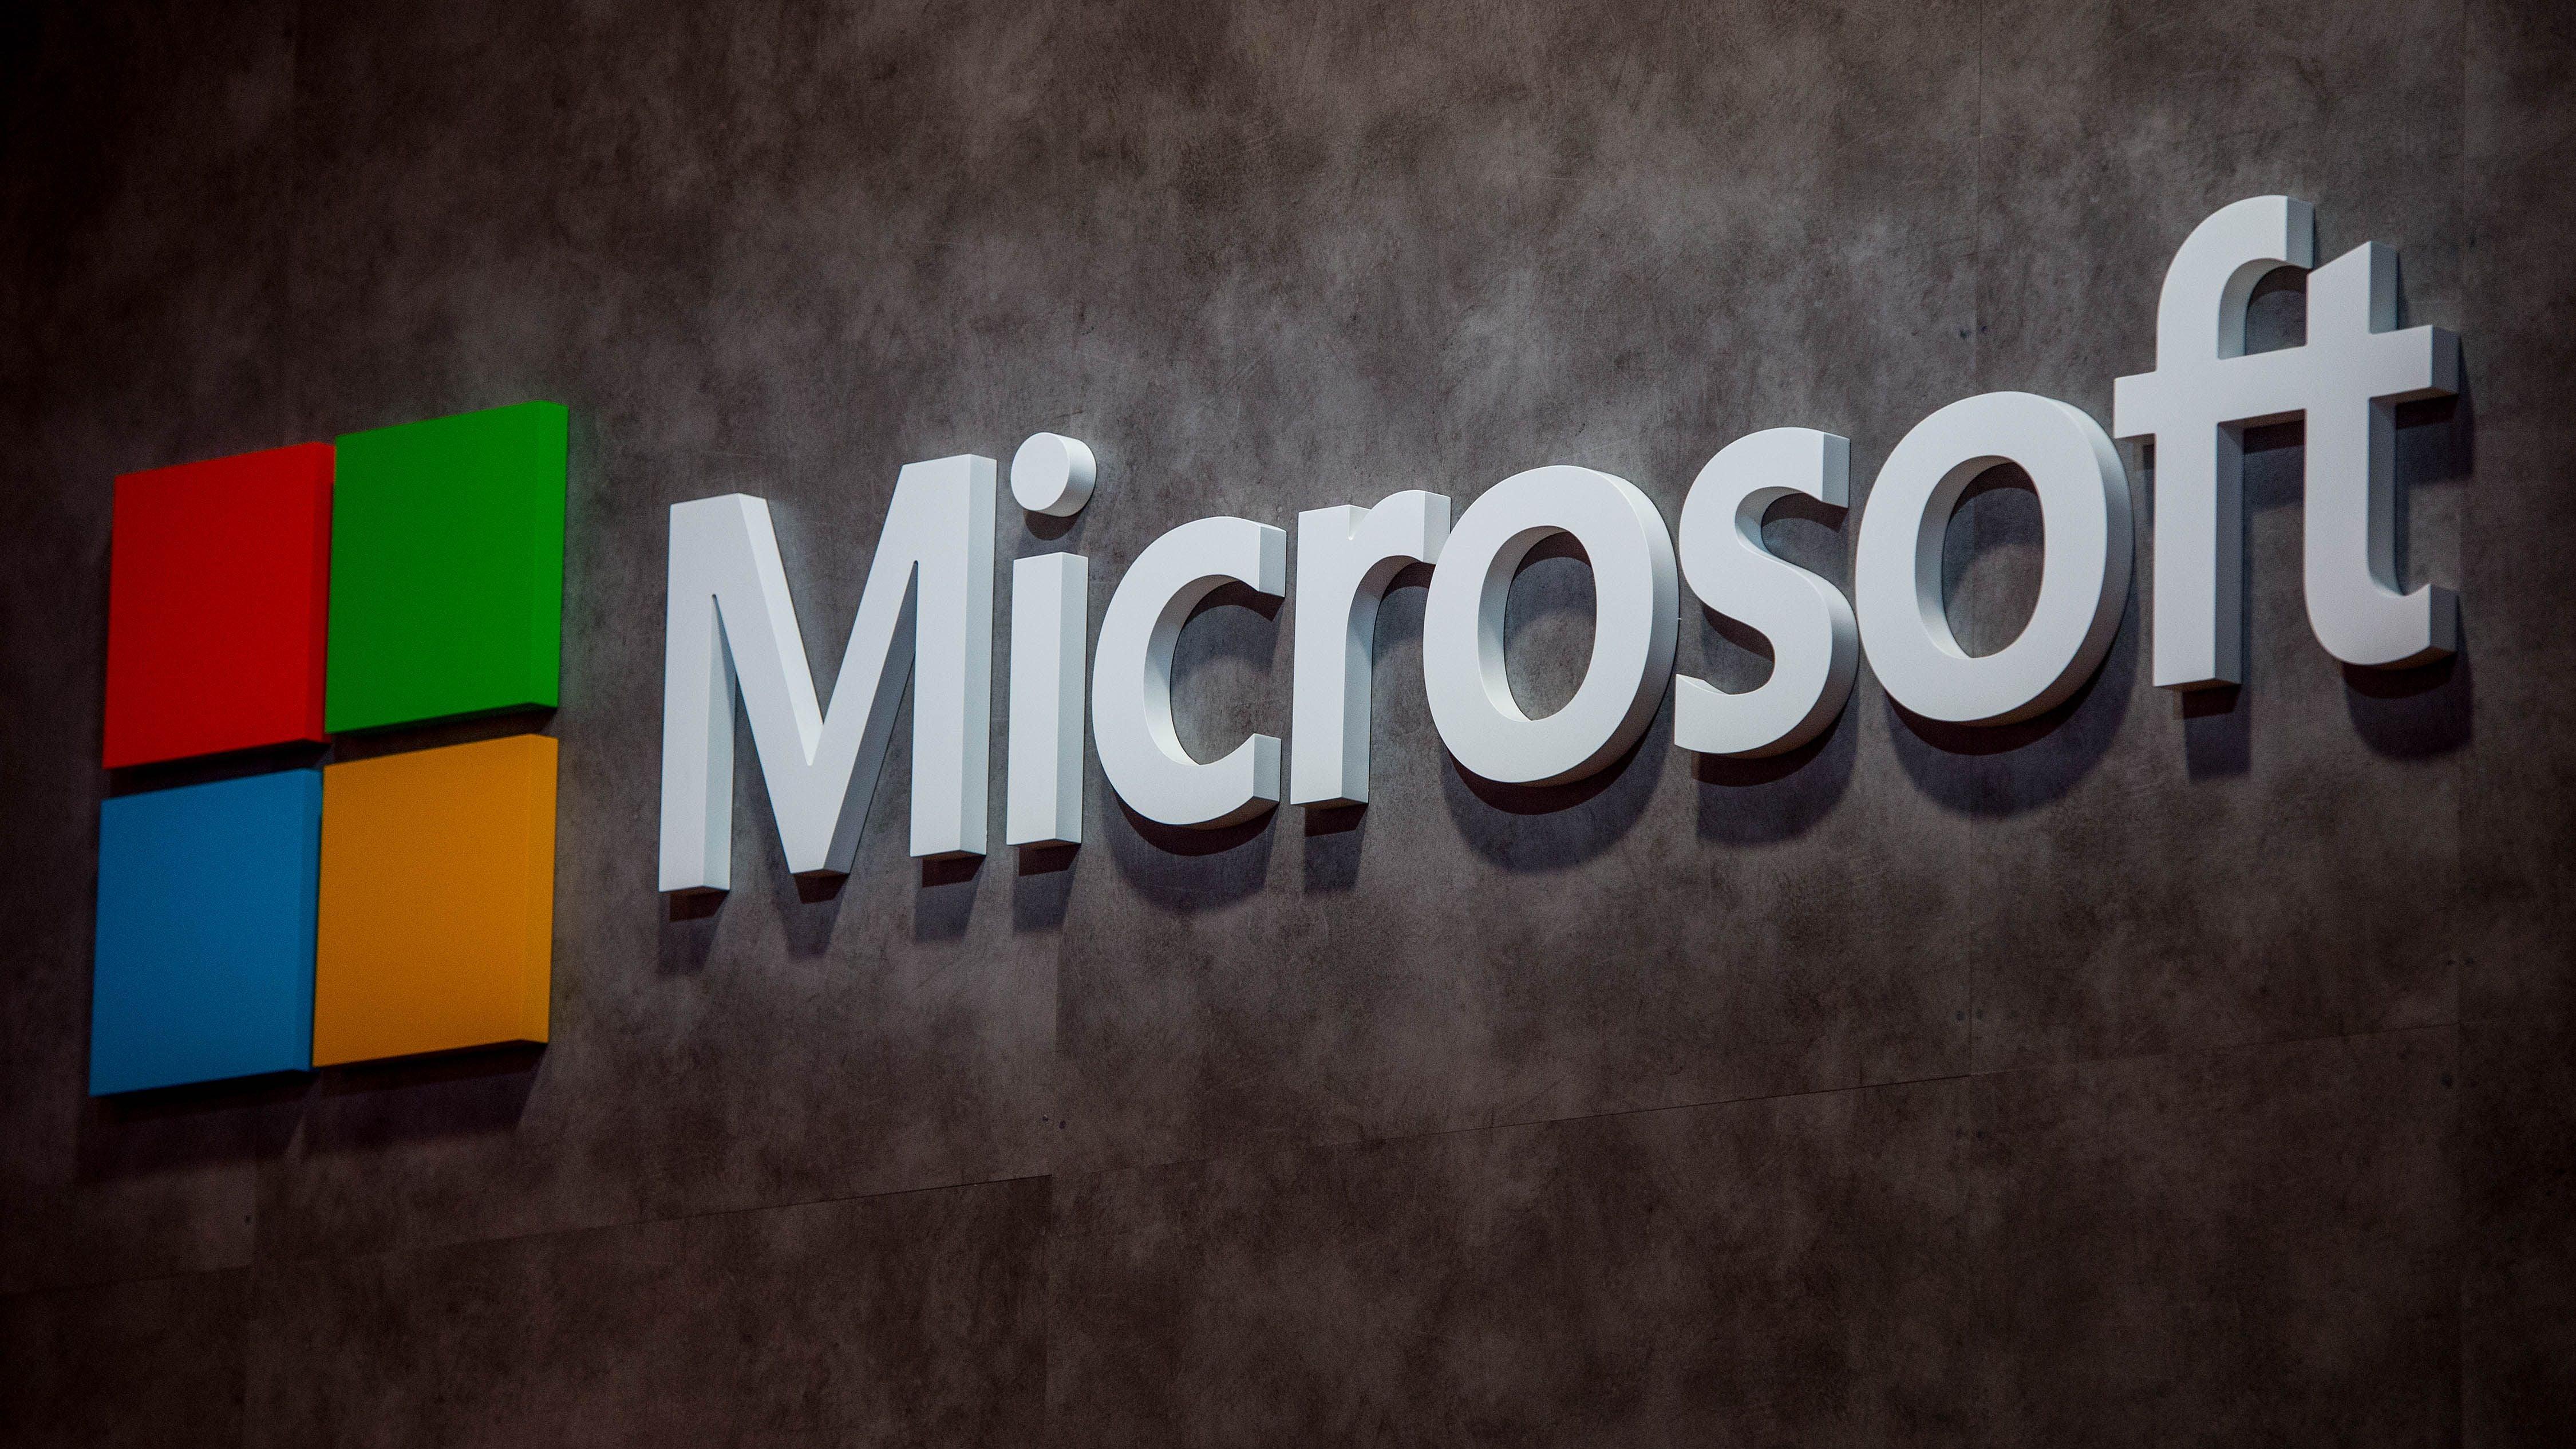 microsoft windows windows-10